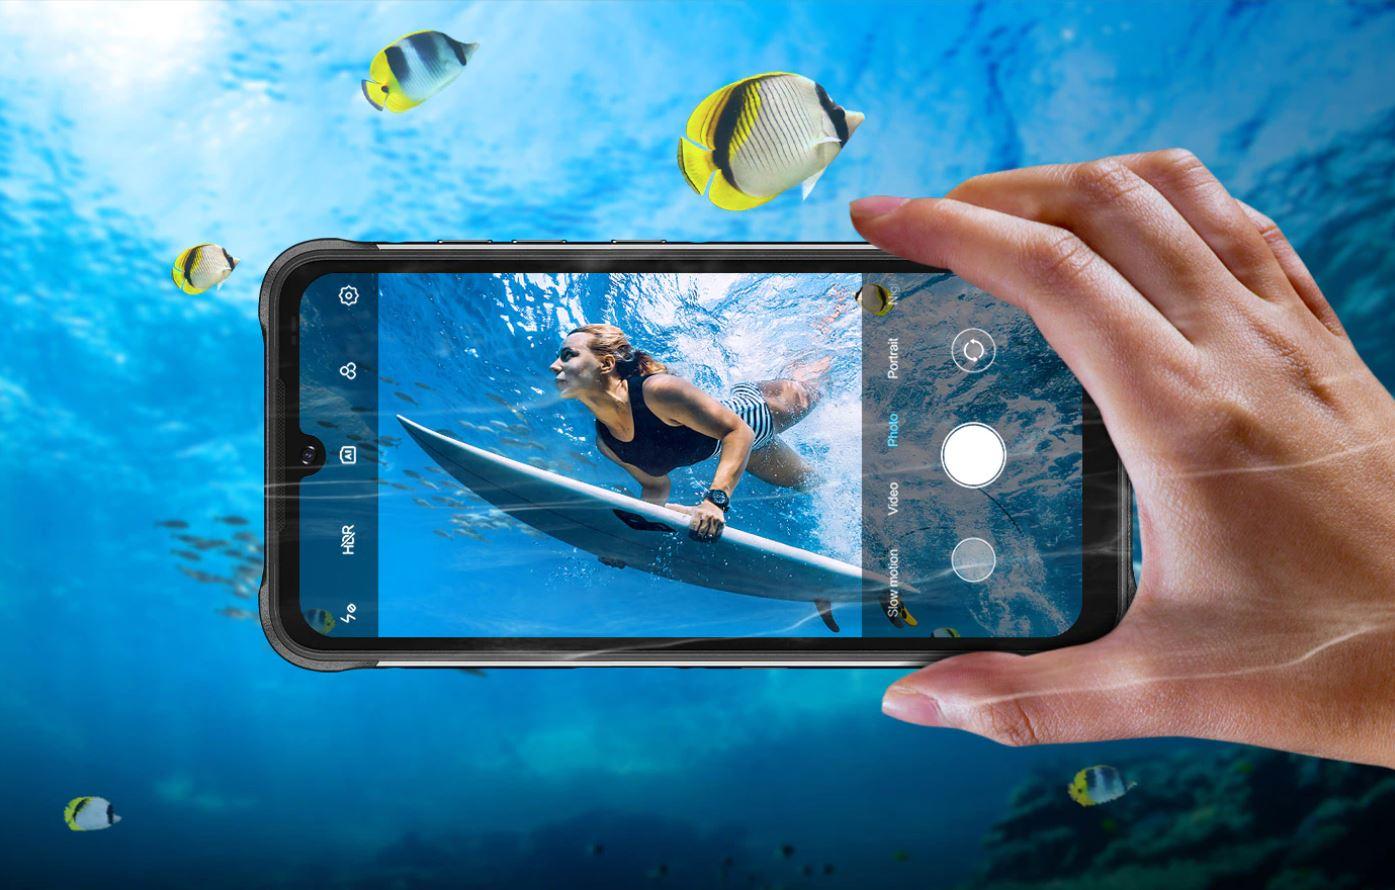 nowe produkty Aliexpress - Umidigi Bison Pro - nowy smartfon rugged - robienie zdjęć pod wodą